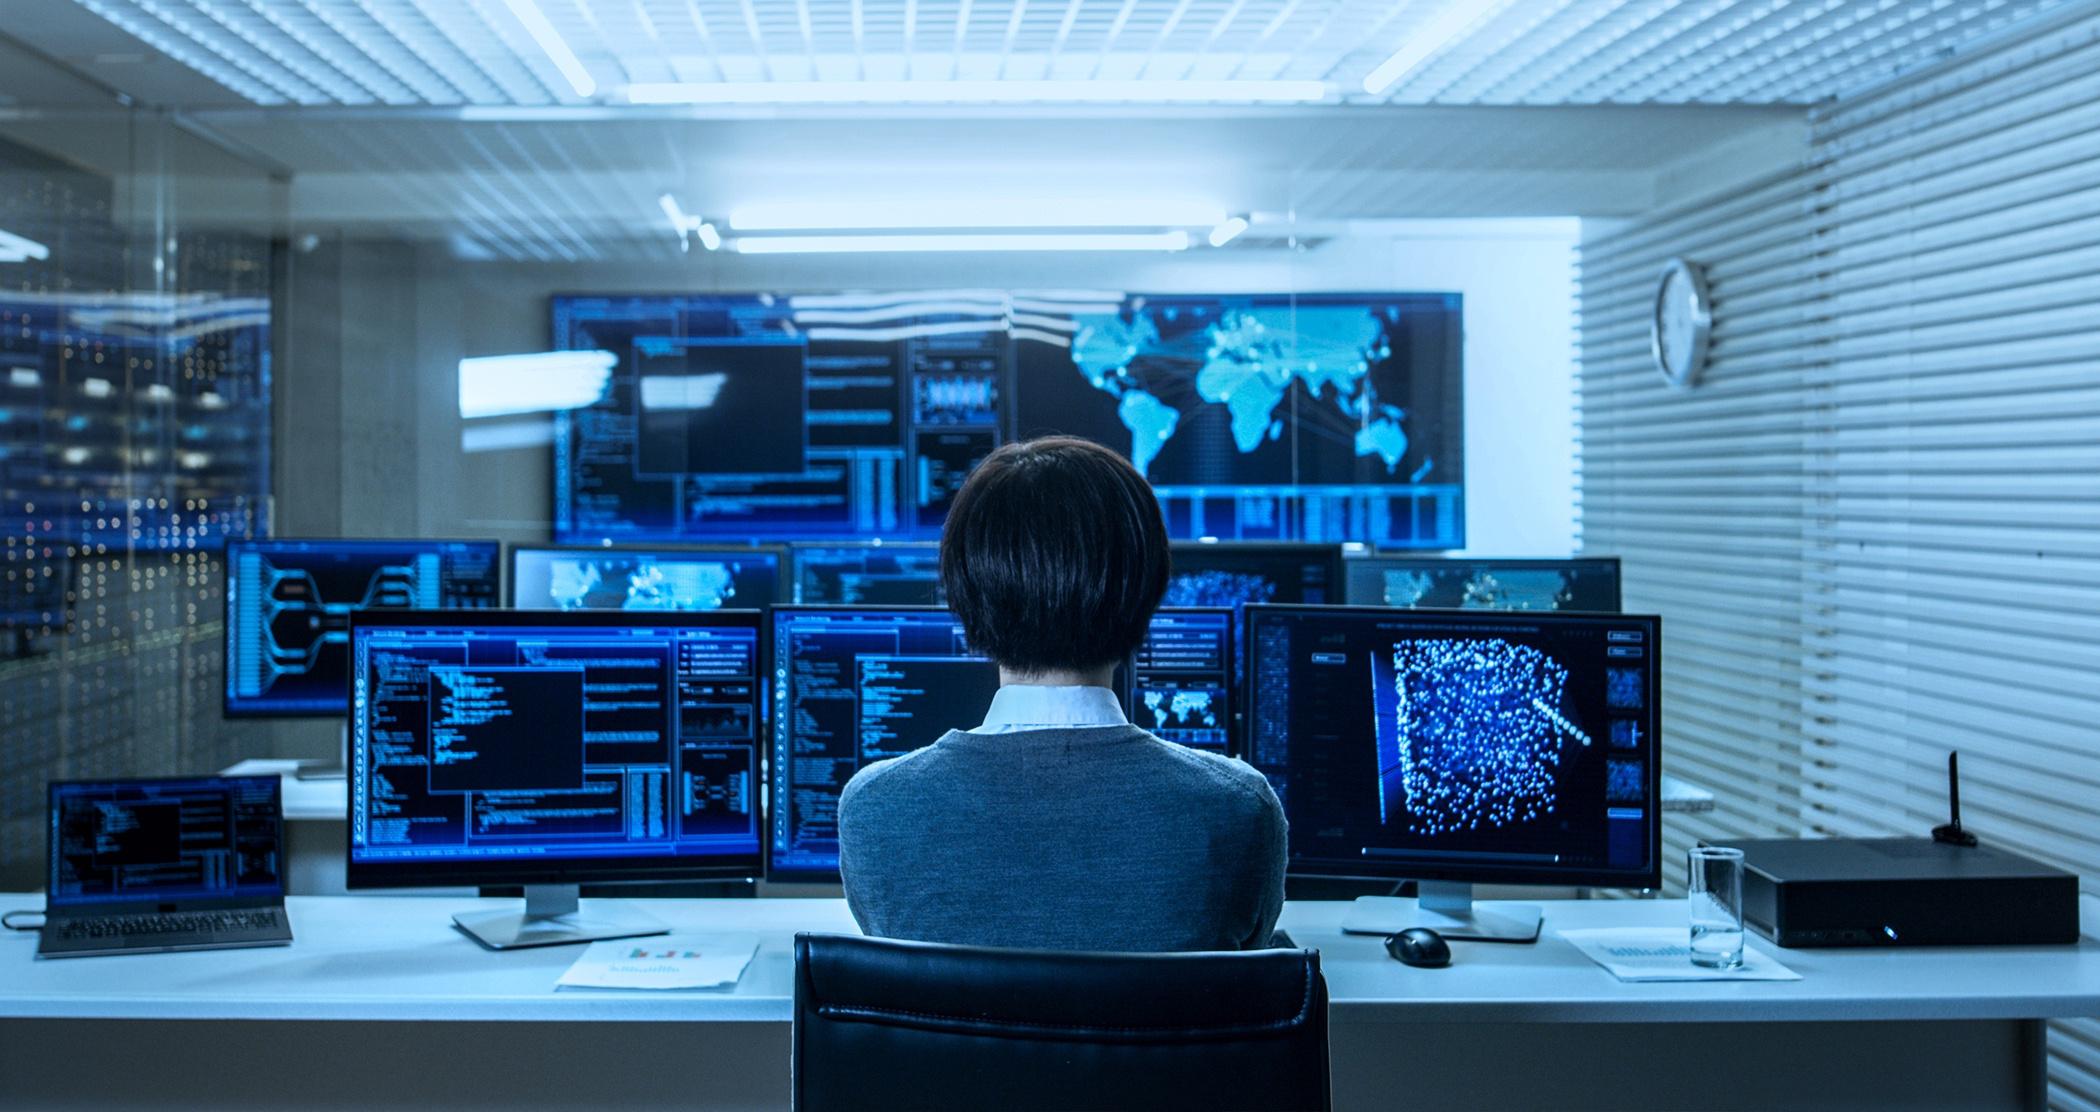 مانتورینگ سیستم در یک بازه زمانی (linux)